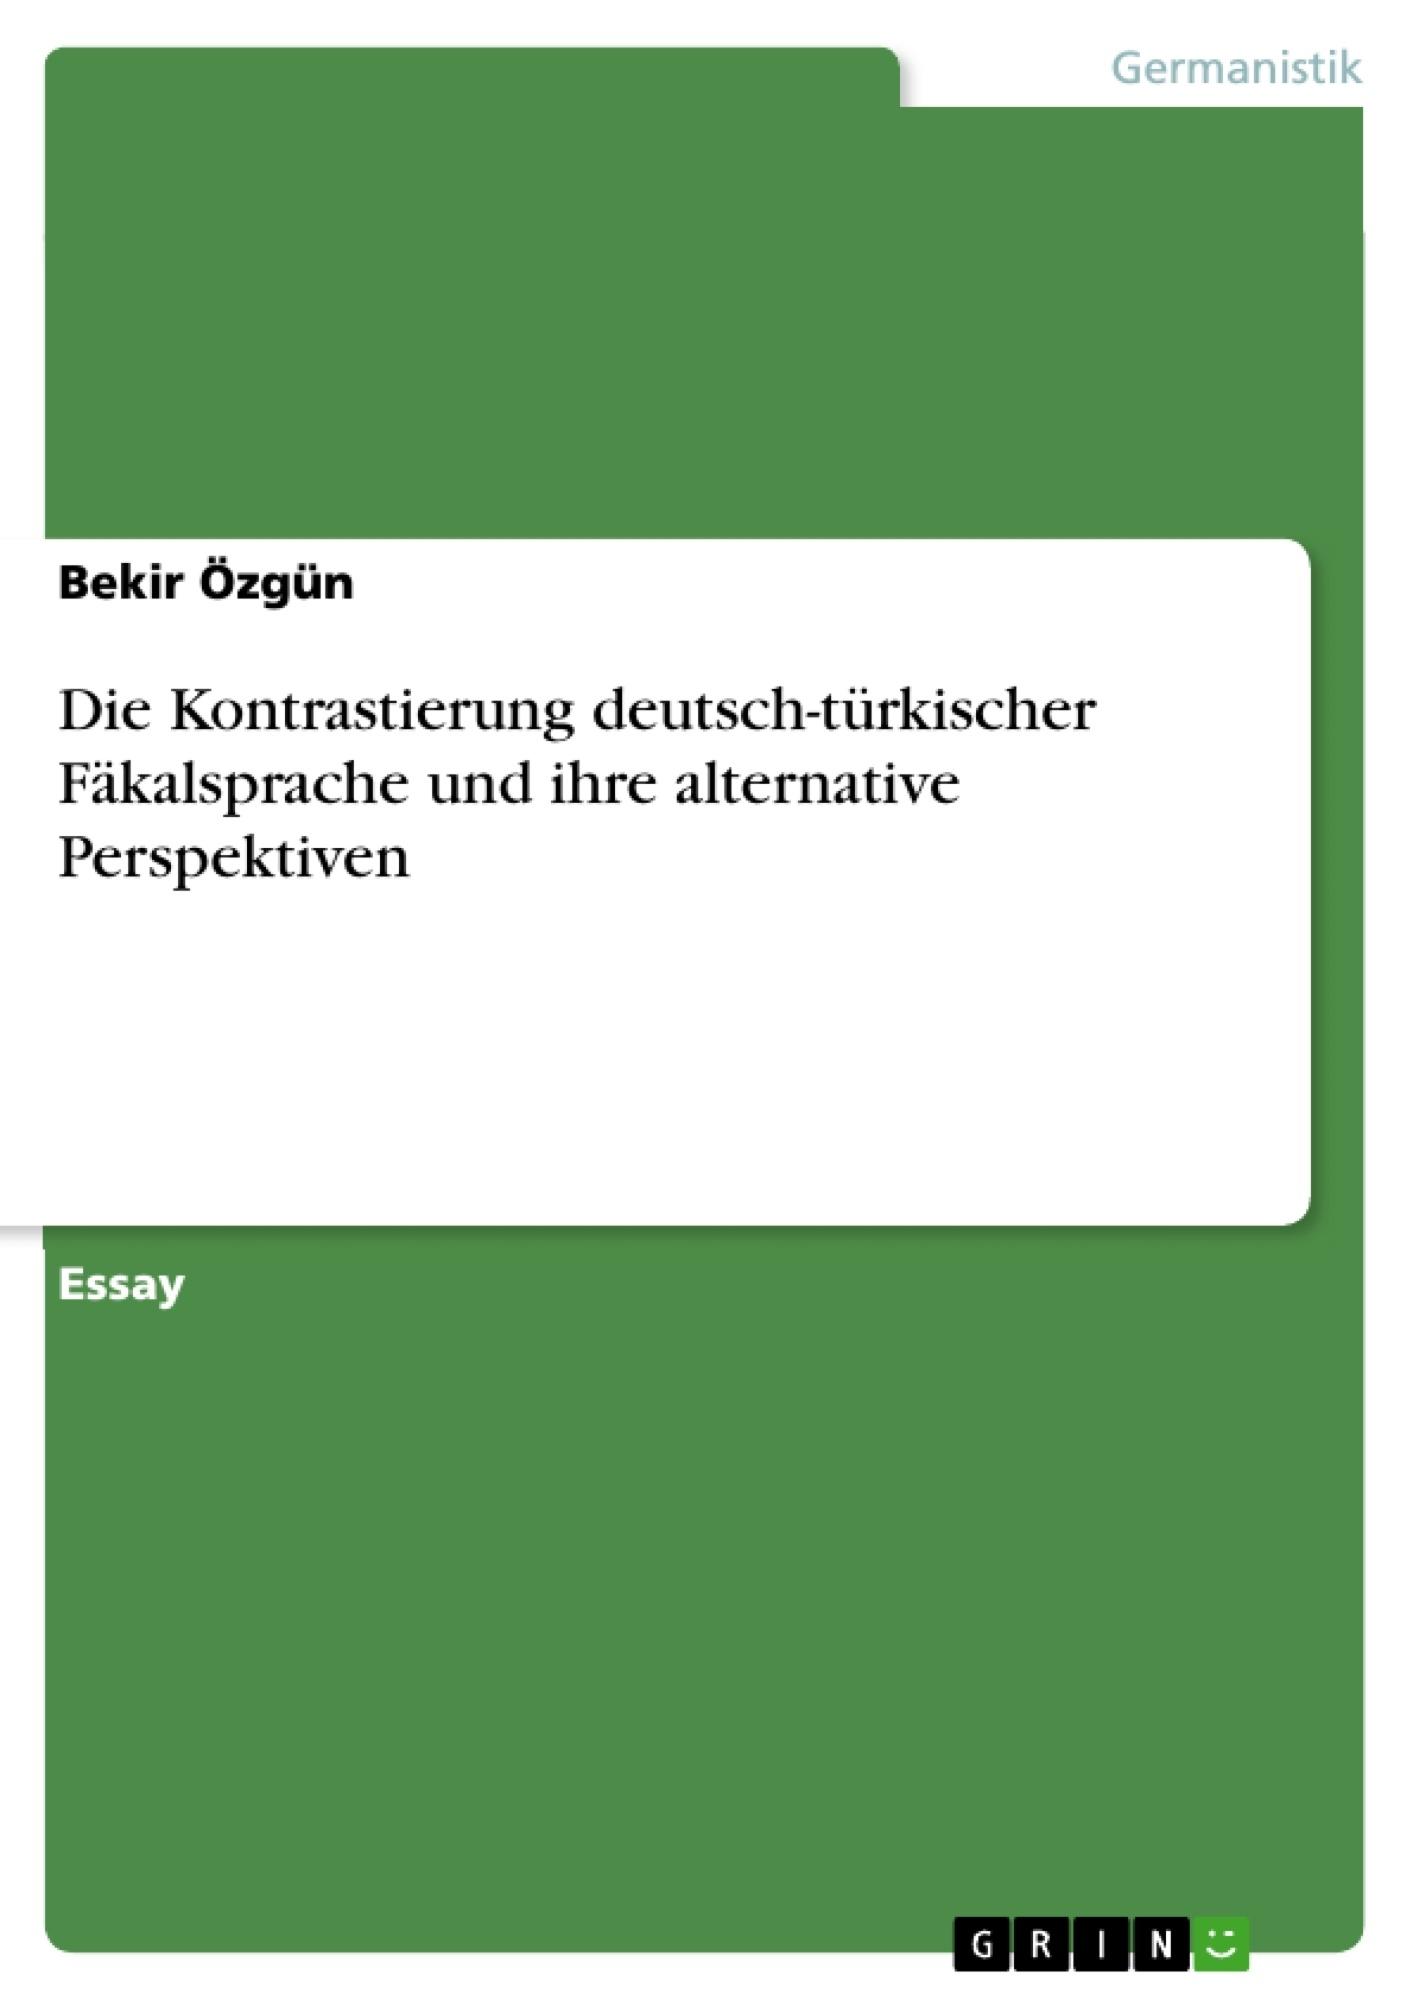 Titel: Die Kontrastierung deutsch-türkischer Fäkalsprache und ihre alternative Perspektiven